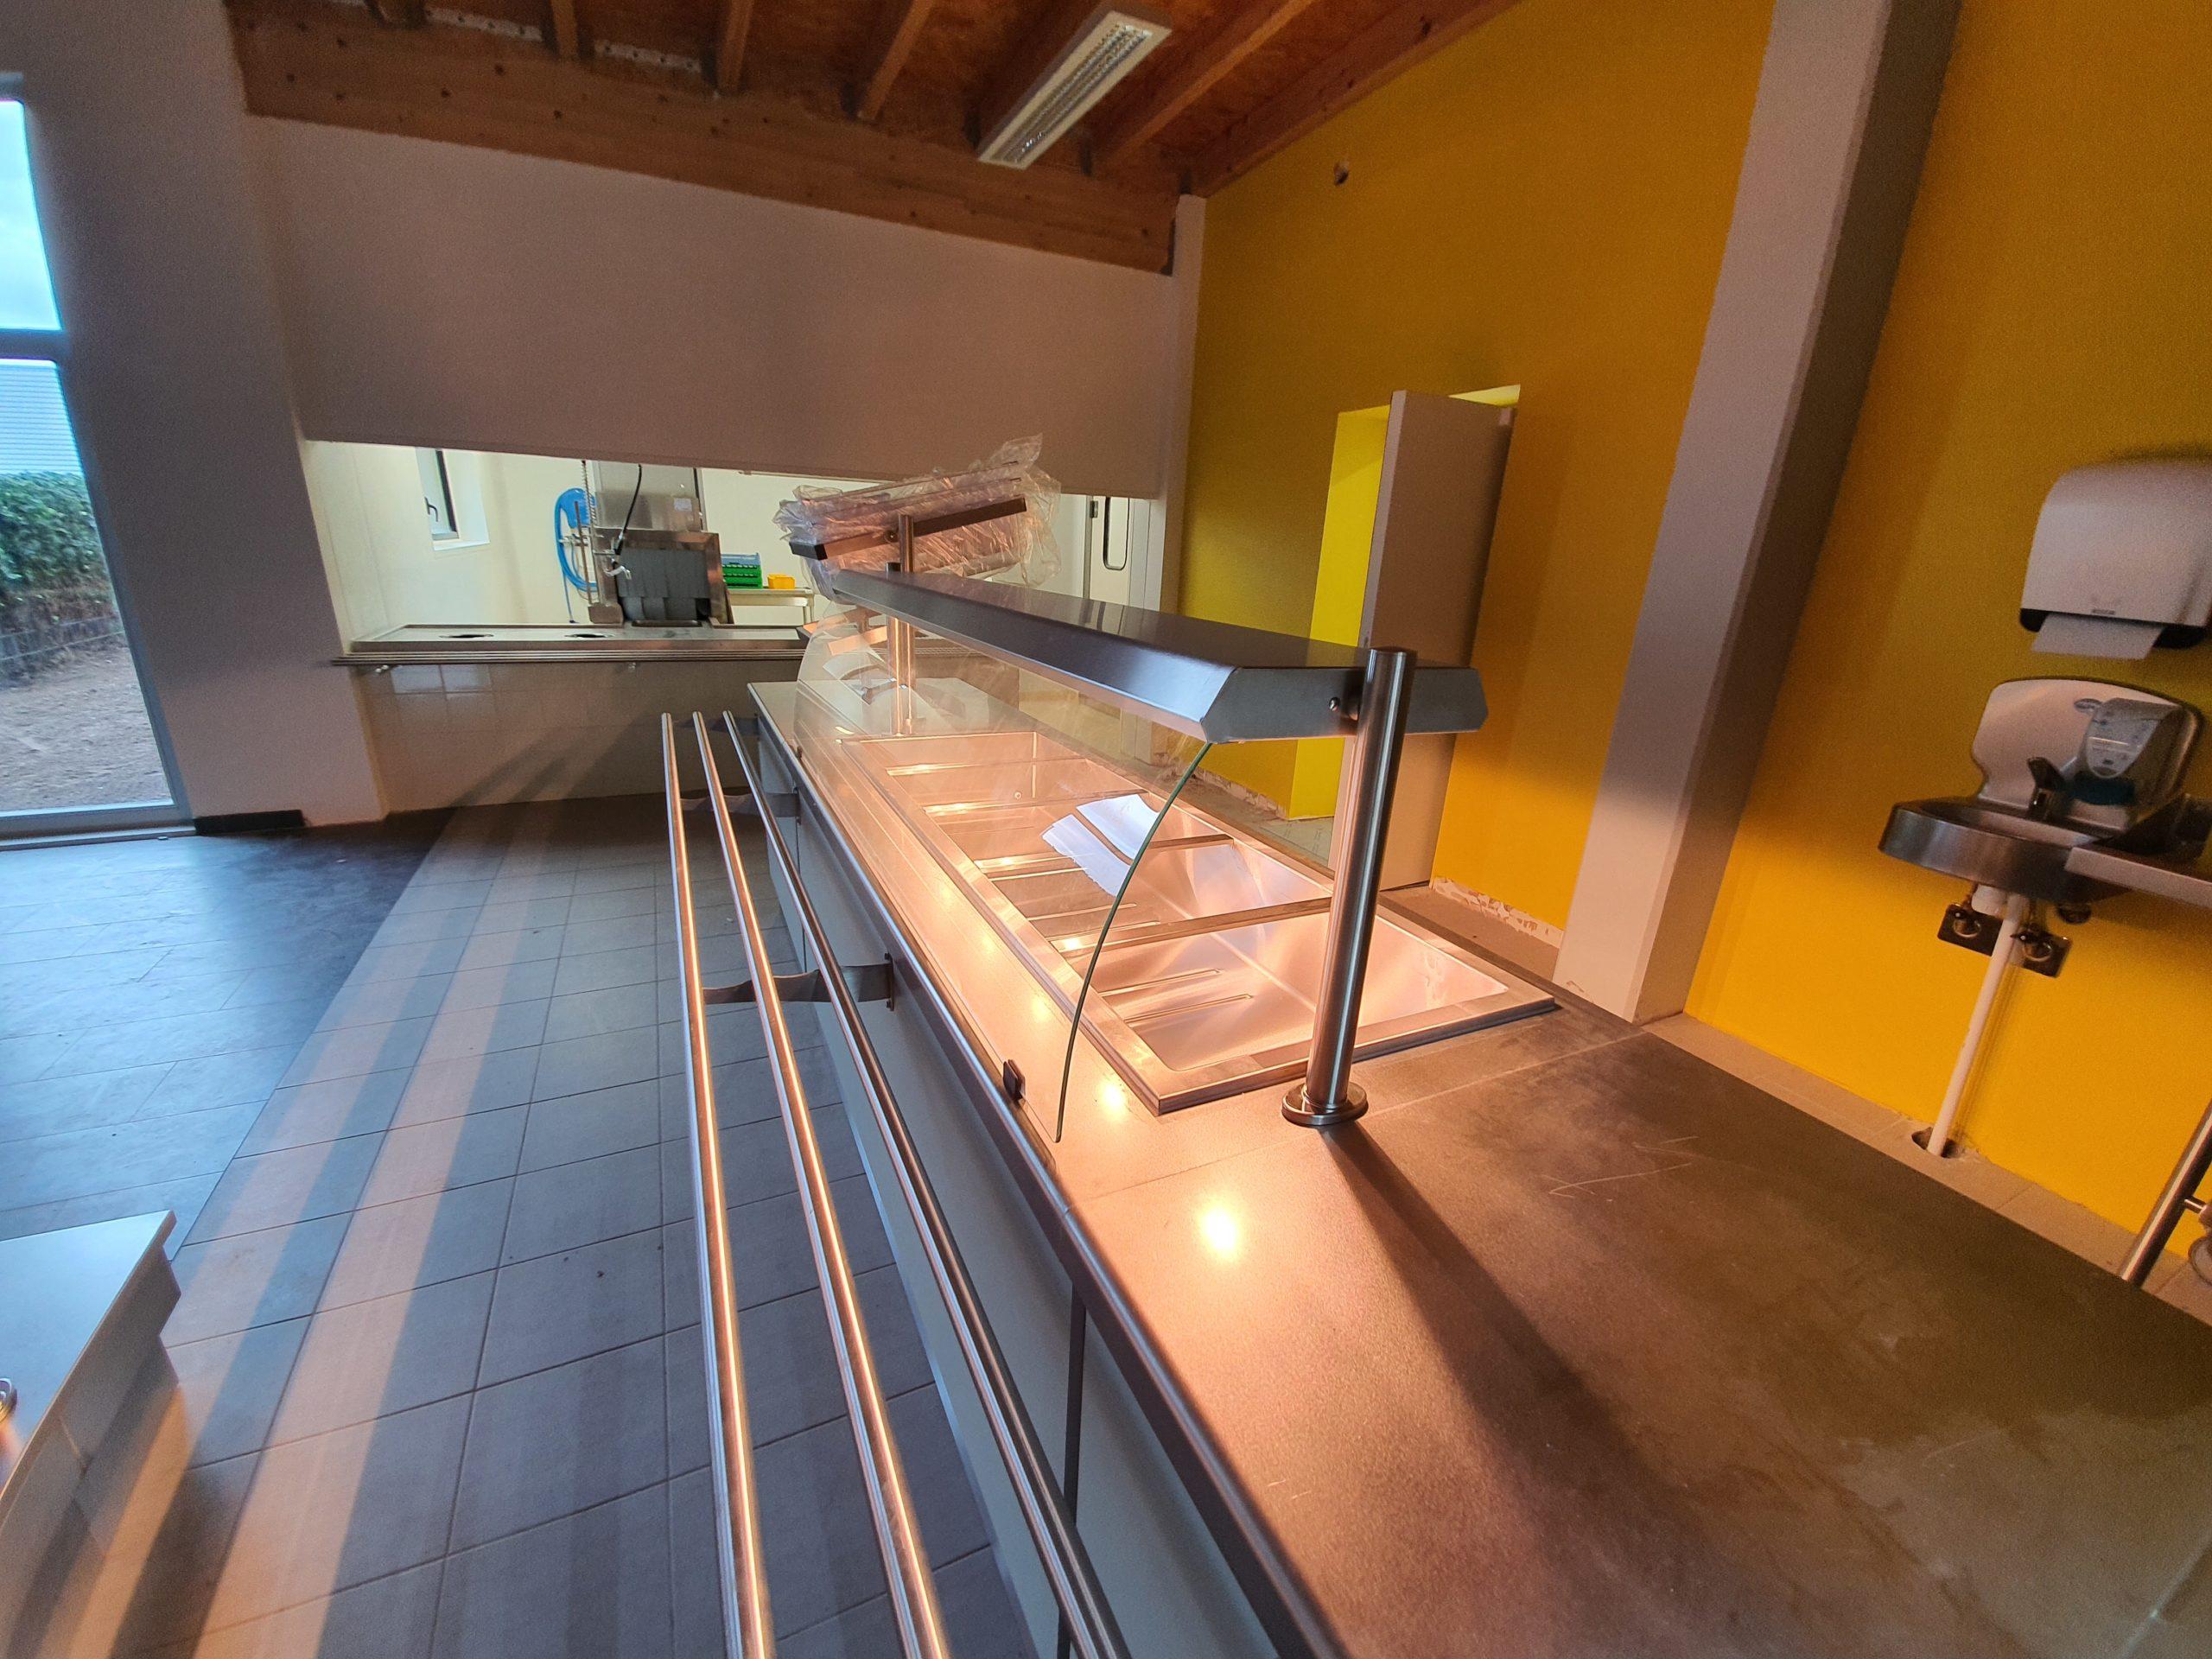 2019 - Obiekt Haguneau - realizacja dla Kuthe - ciąg wyd. - FR (61)